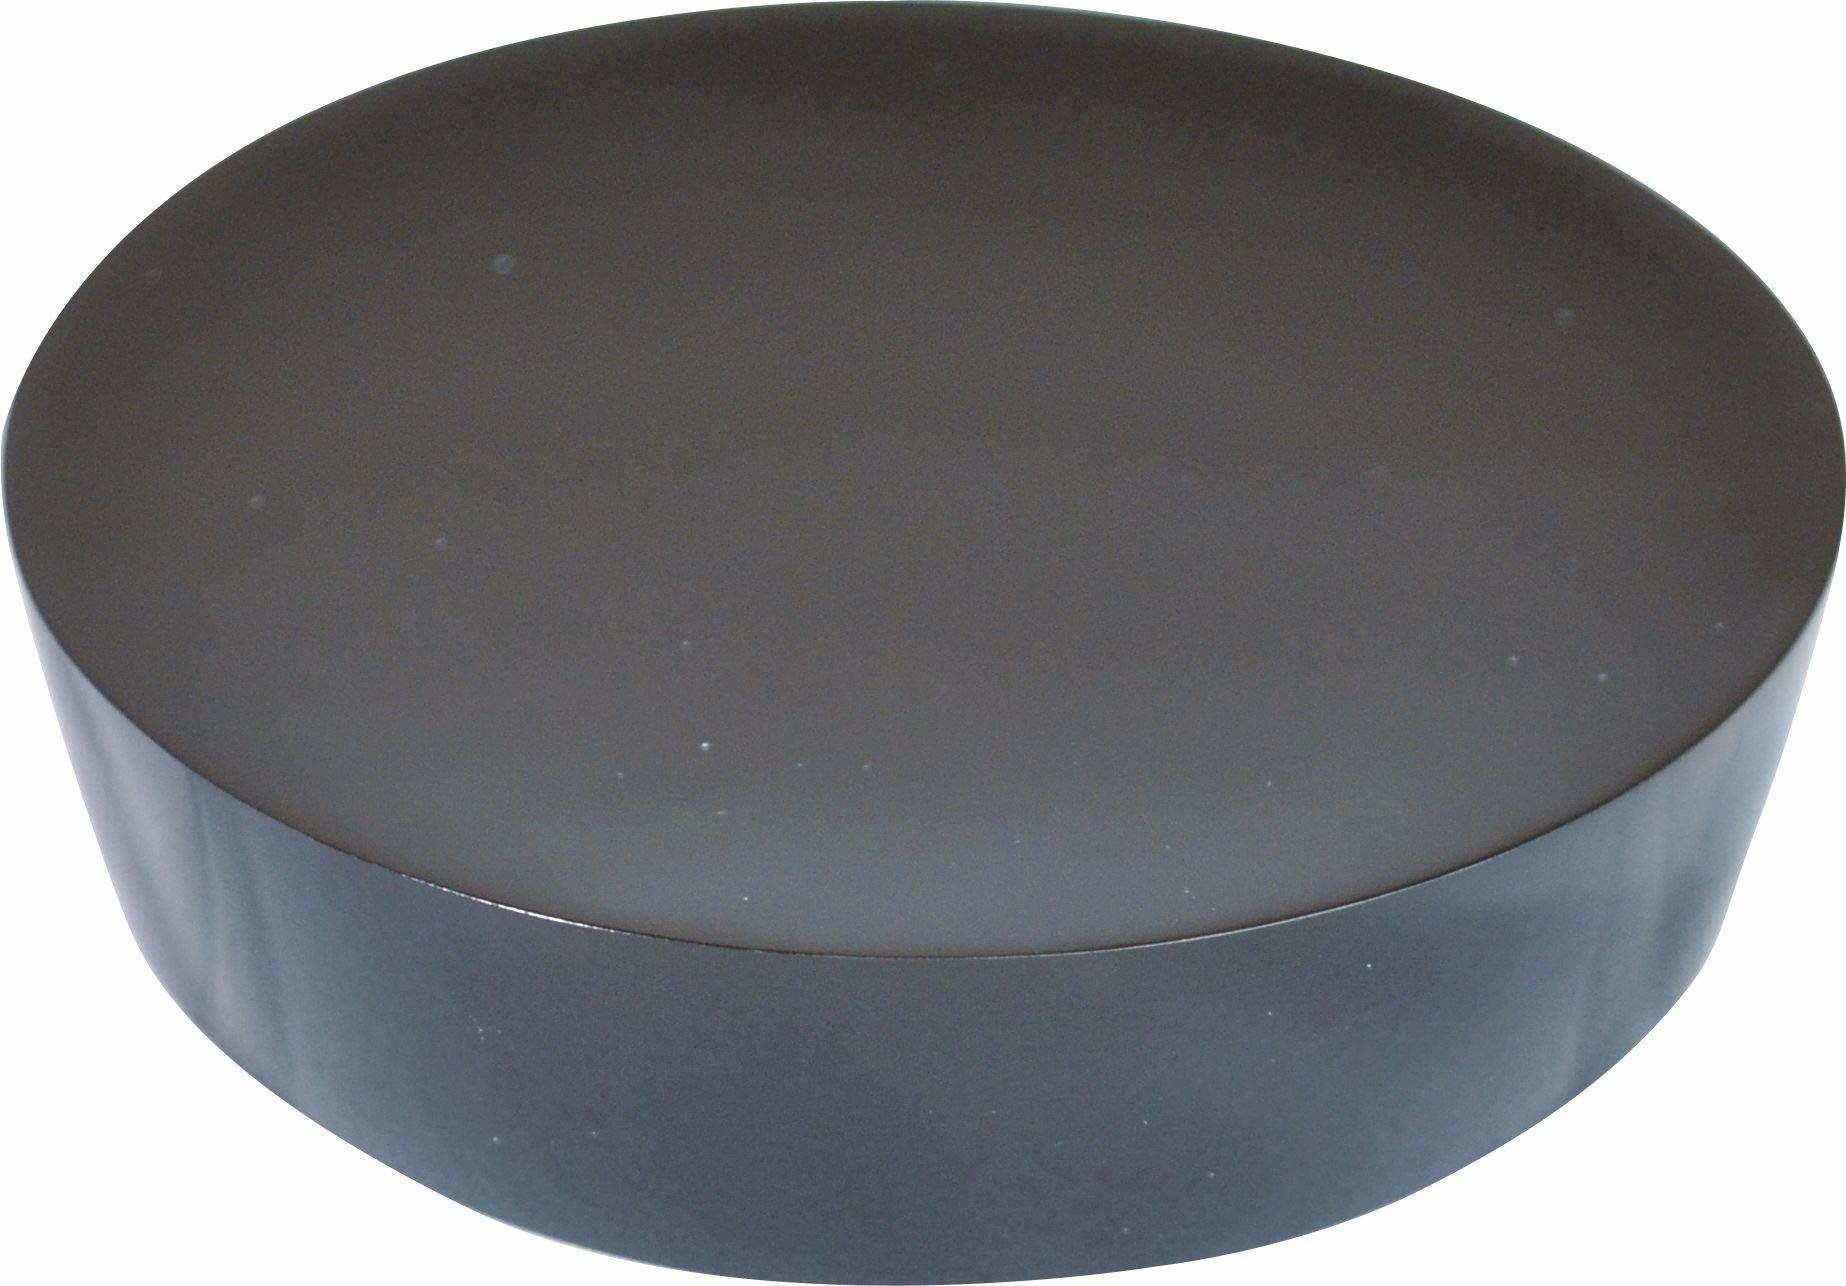 Grund PICCOLO mydelniczka 10,4 x 10,4 x 2,5 cm czarna akcesoria, 100% żywica poliestrowa, 4 x 10,4 x 2,5 cm